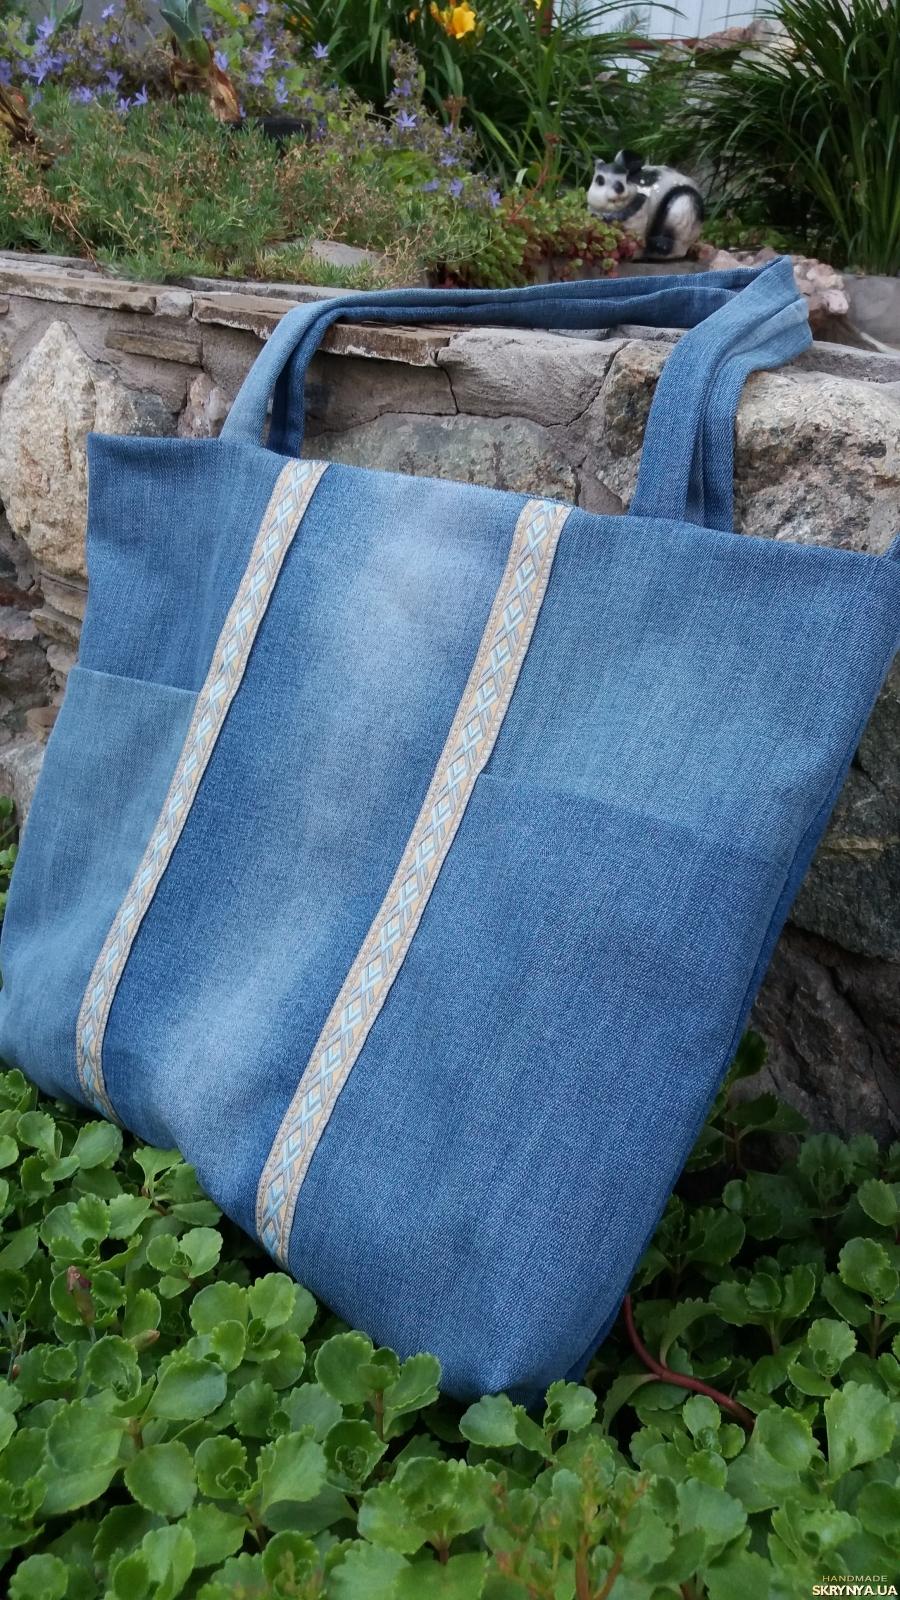 A denim eco-friendly  shopper bag